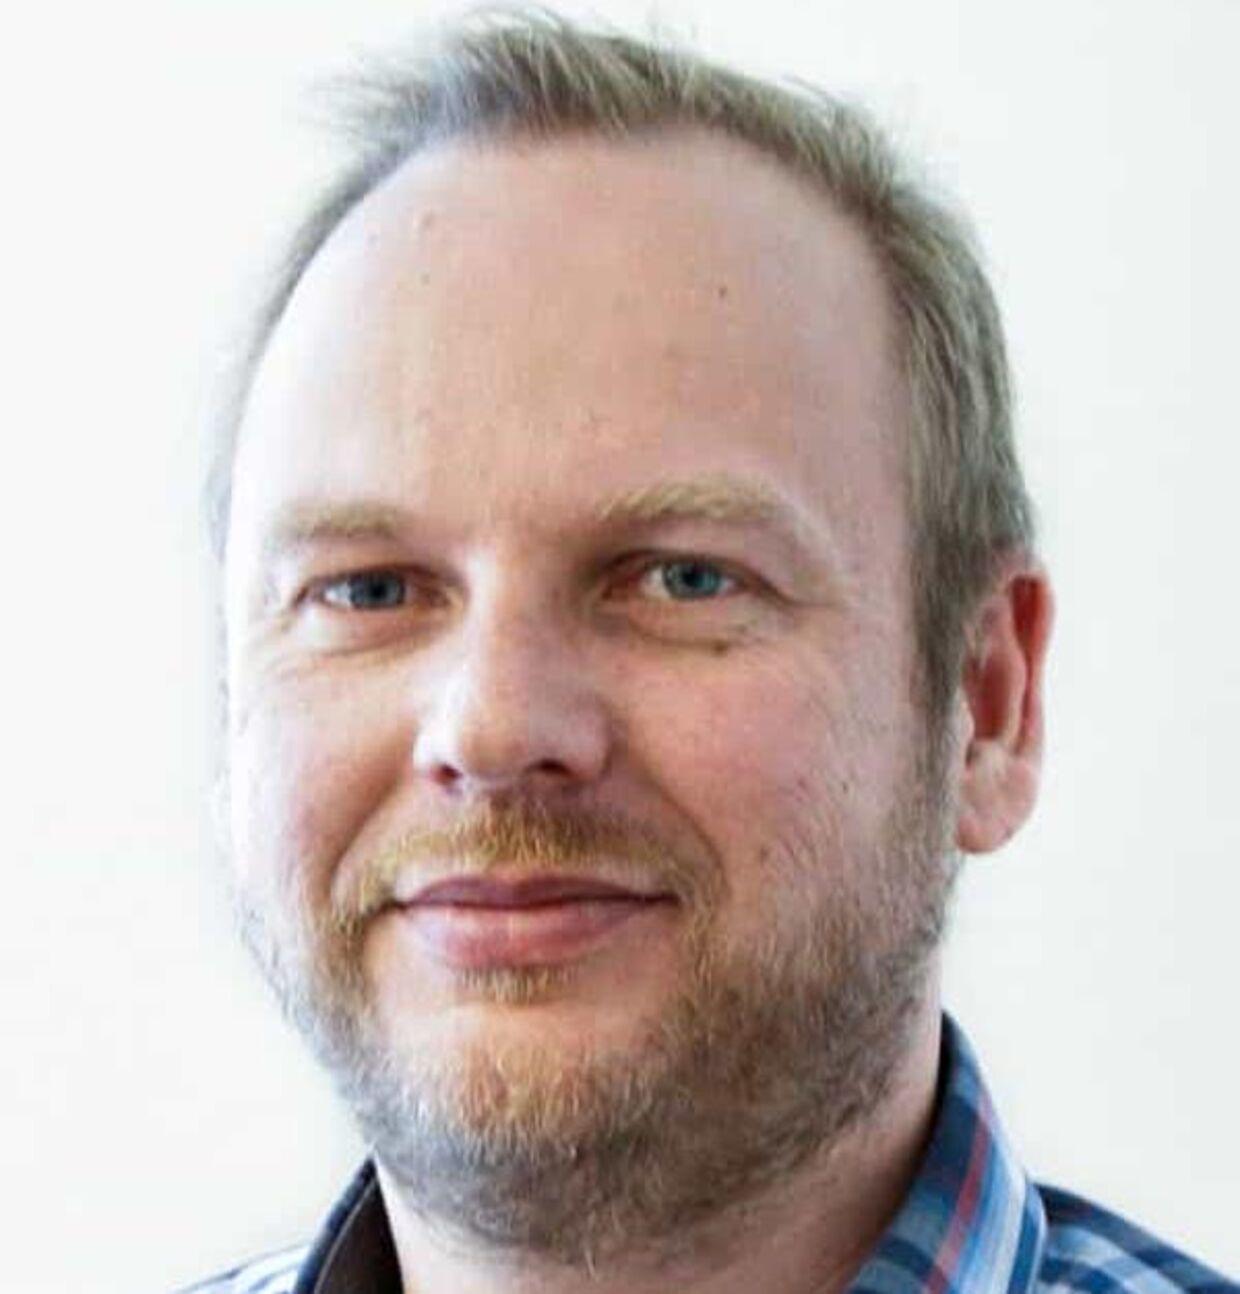 Tommy Holst er sekretariatschef i SSP Odense, og han fortæller, at man tager kritkken meget alvorligt. Privatfoto.